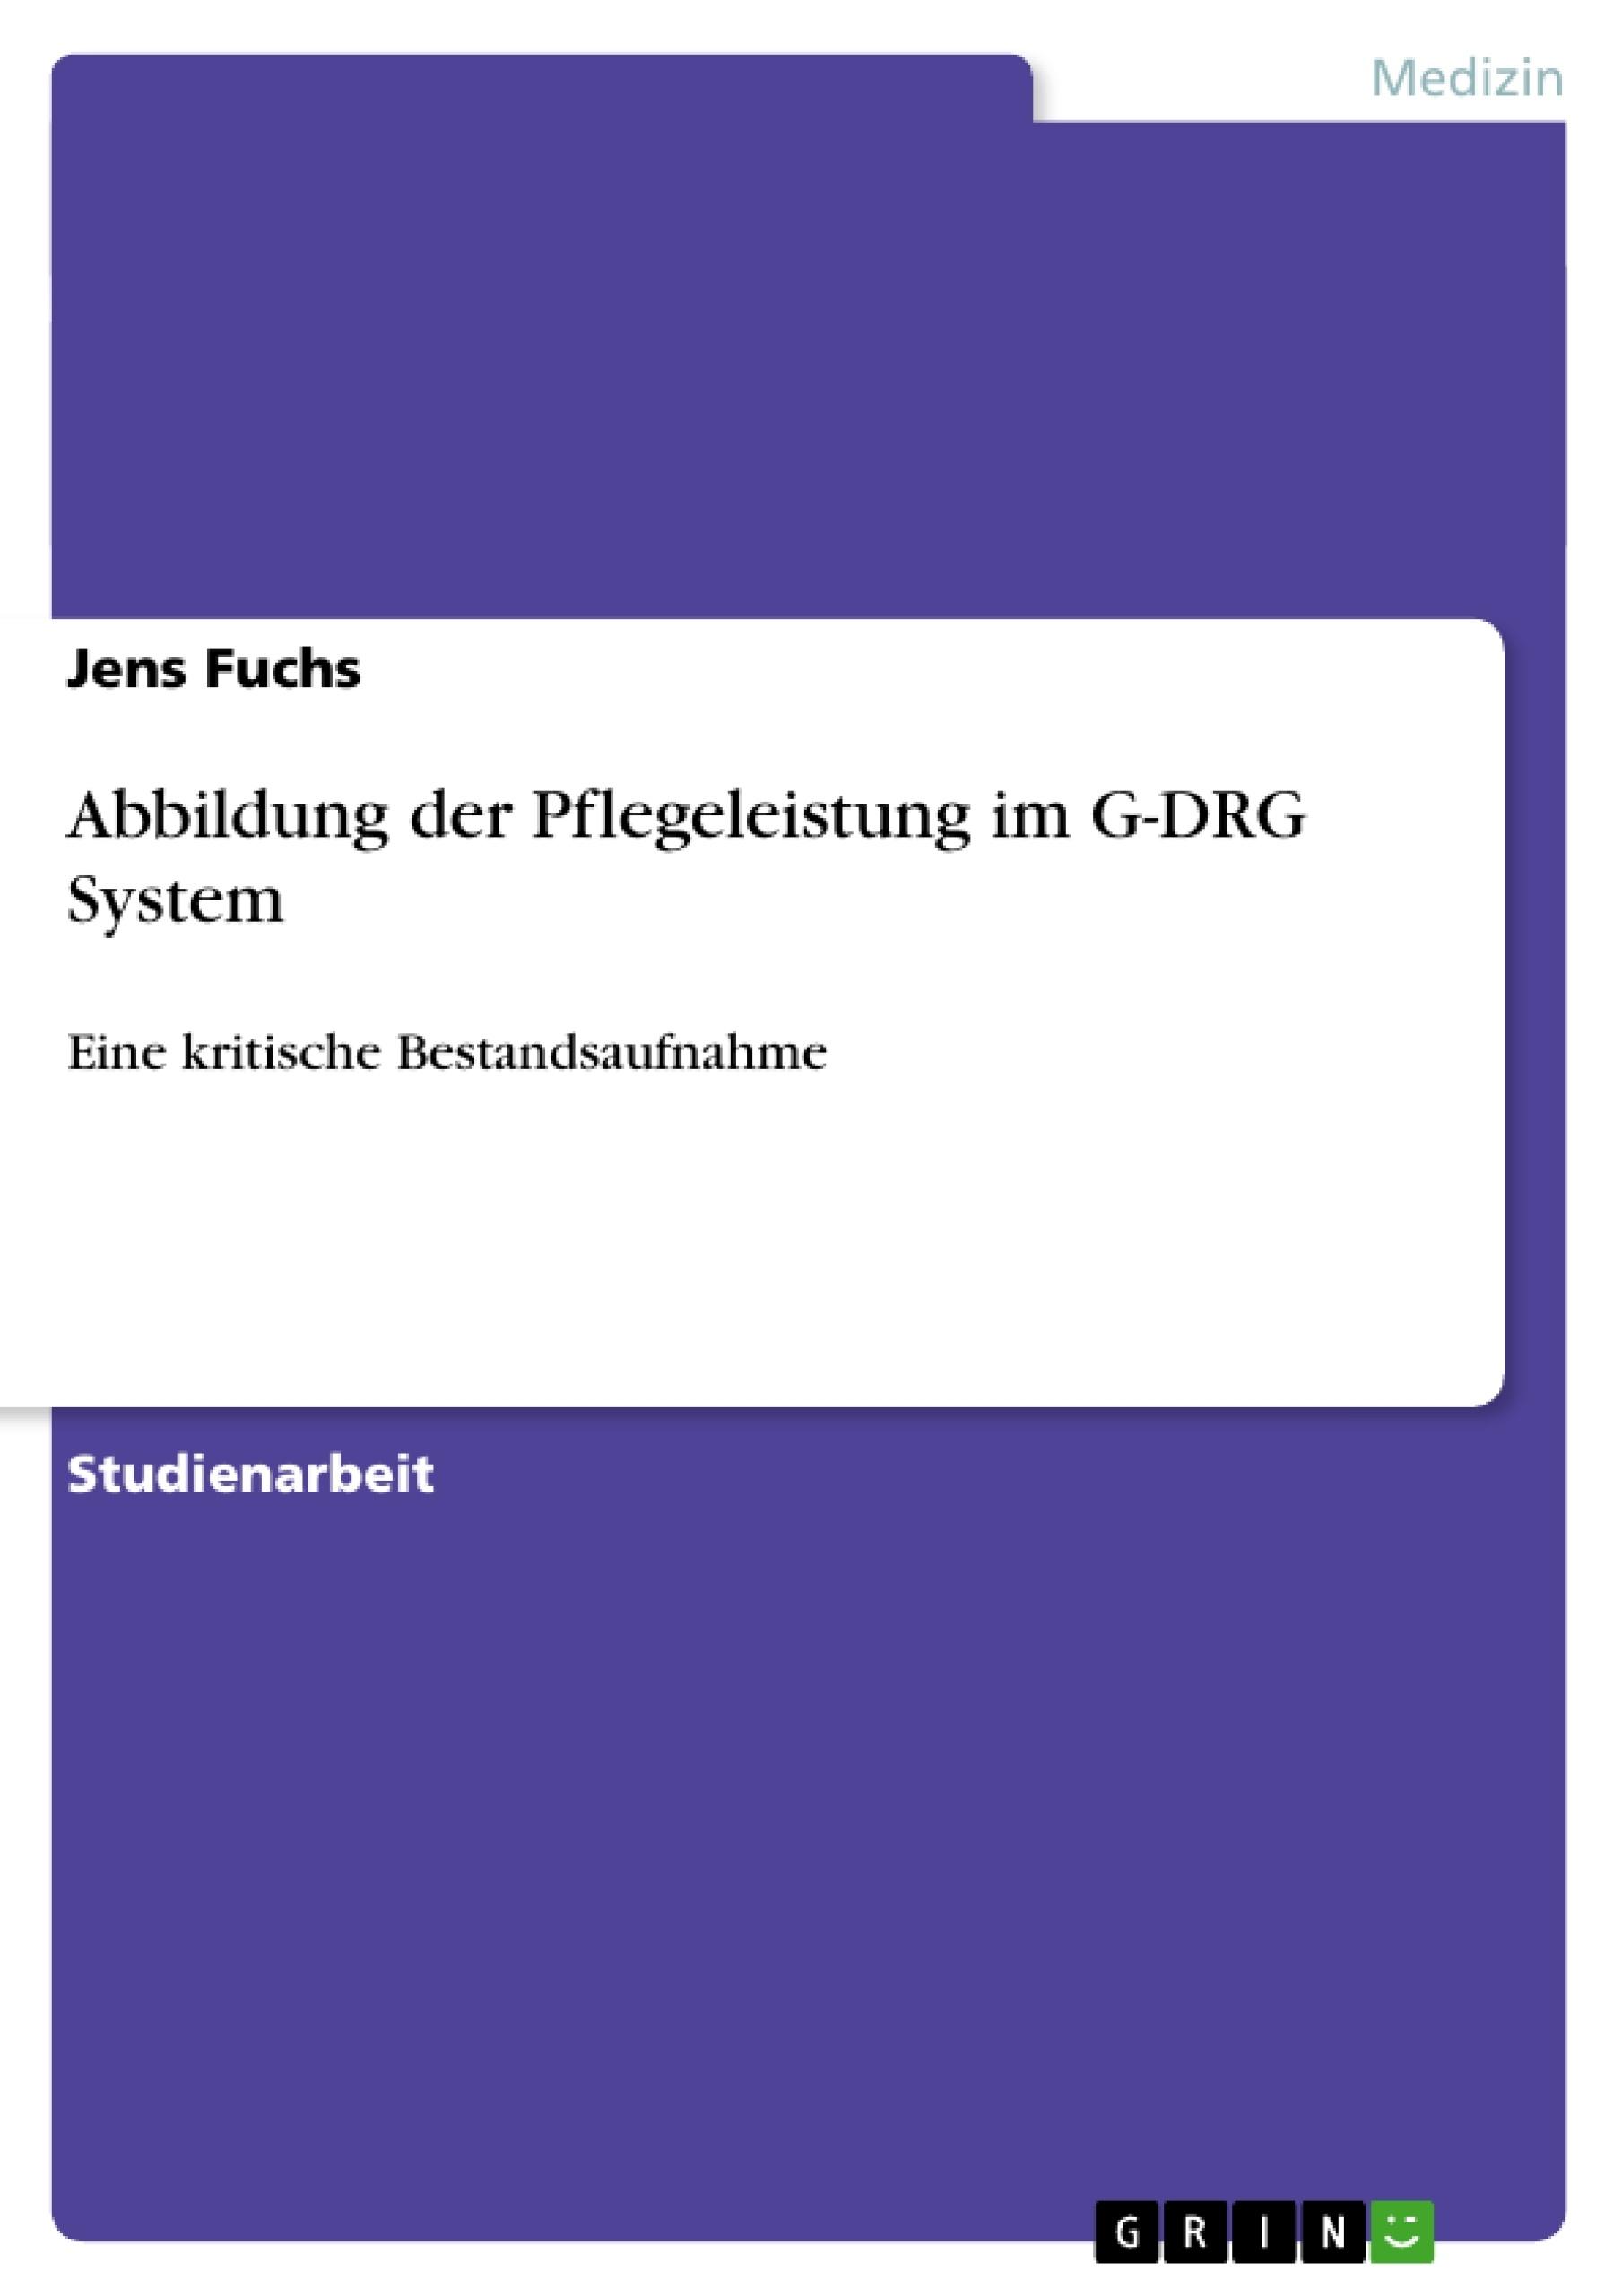 Titel: Abbildung der Pflegeleistung im G-DRG System